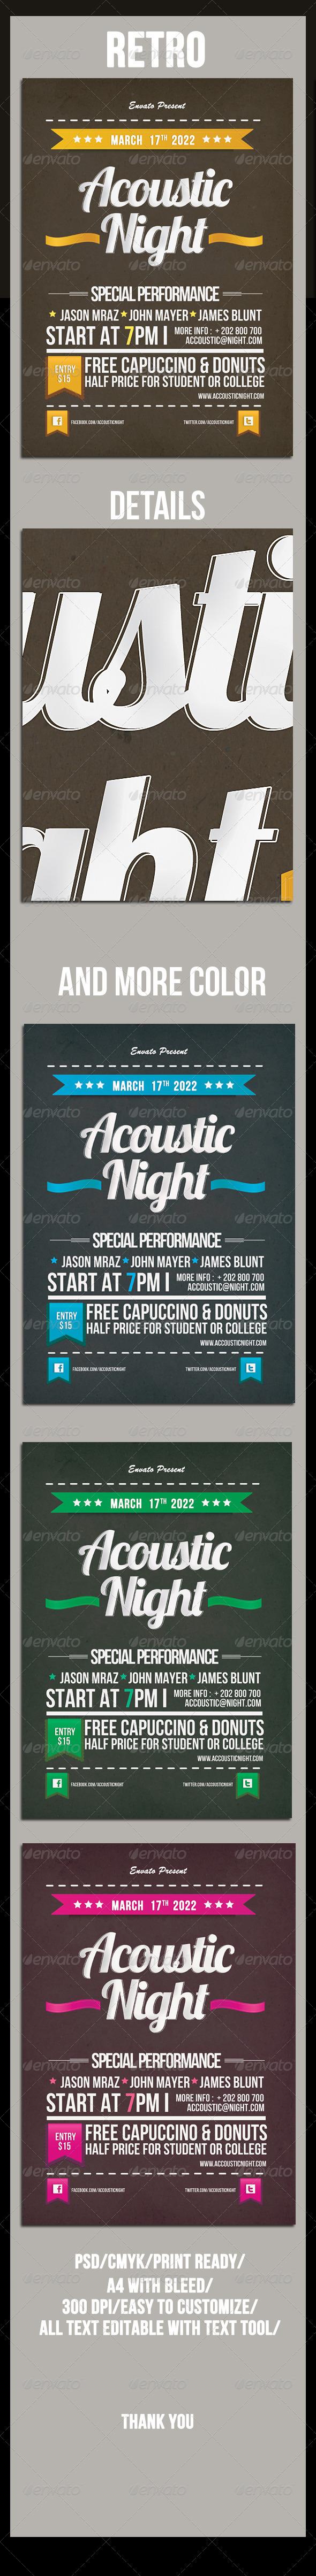 GraphicRiver Retro Night Flyer 4659017